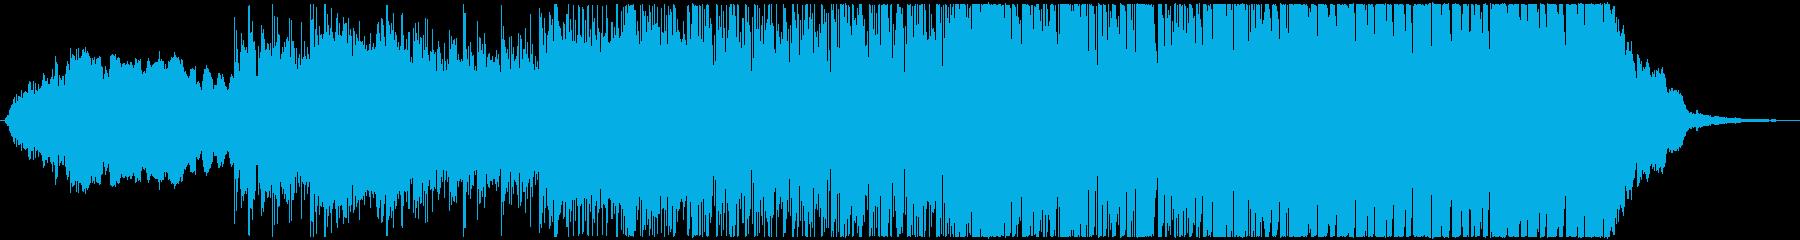 戦闘イメージのEDMの再生済みの波形